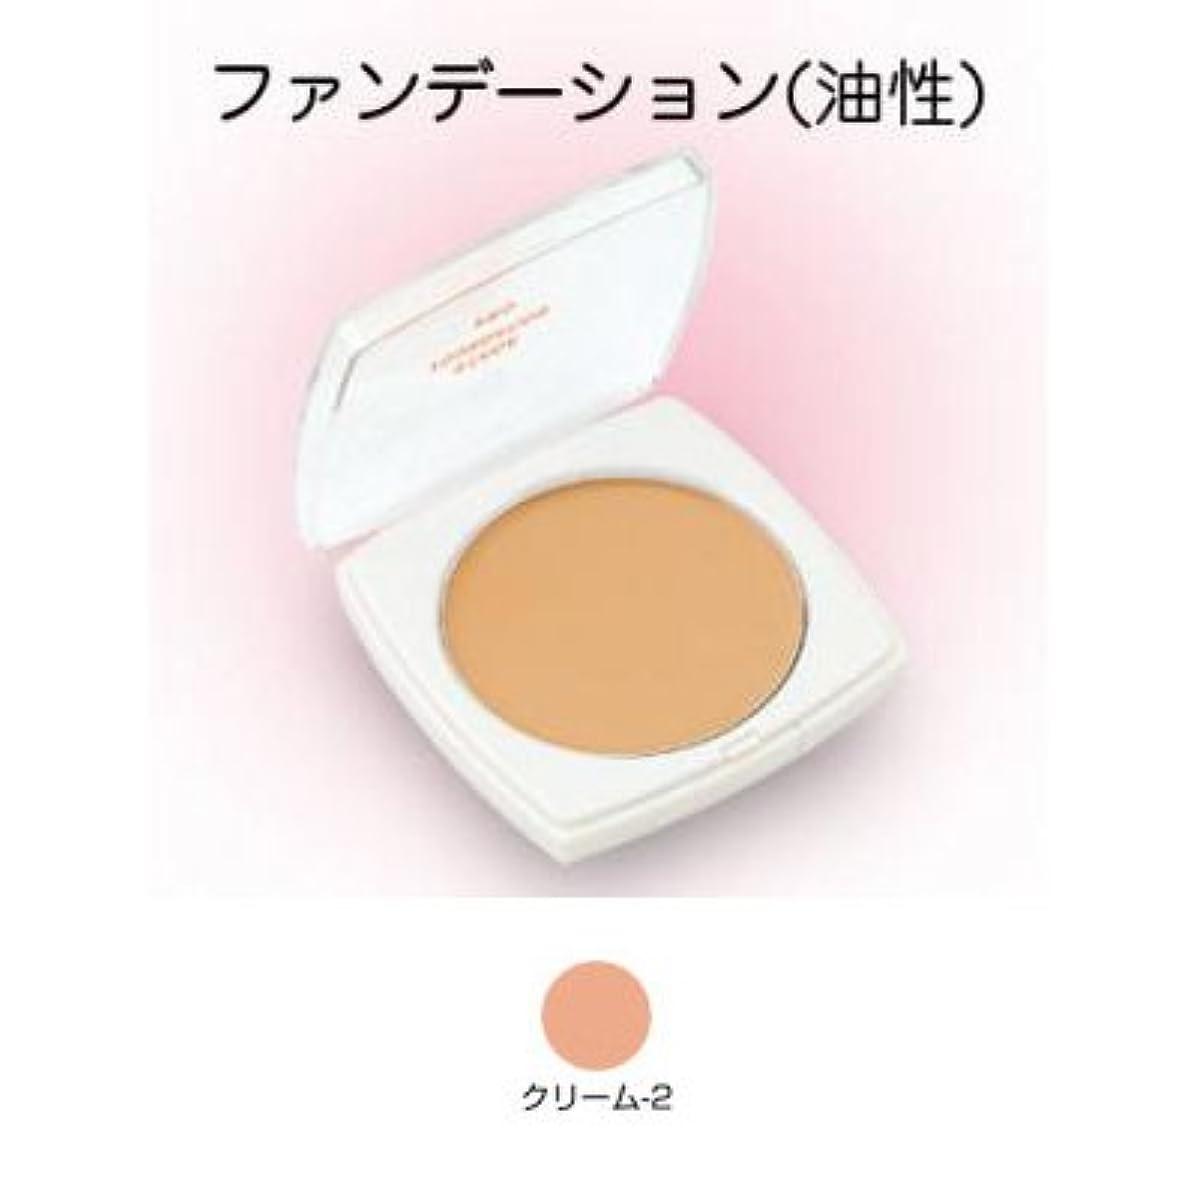 円形の二週間混乱したステージファンデーション プロ 13g クリーム-2 【三善】